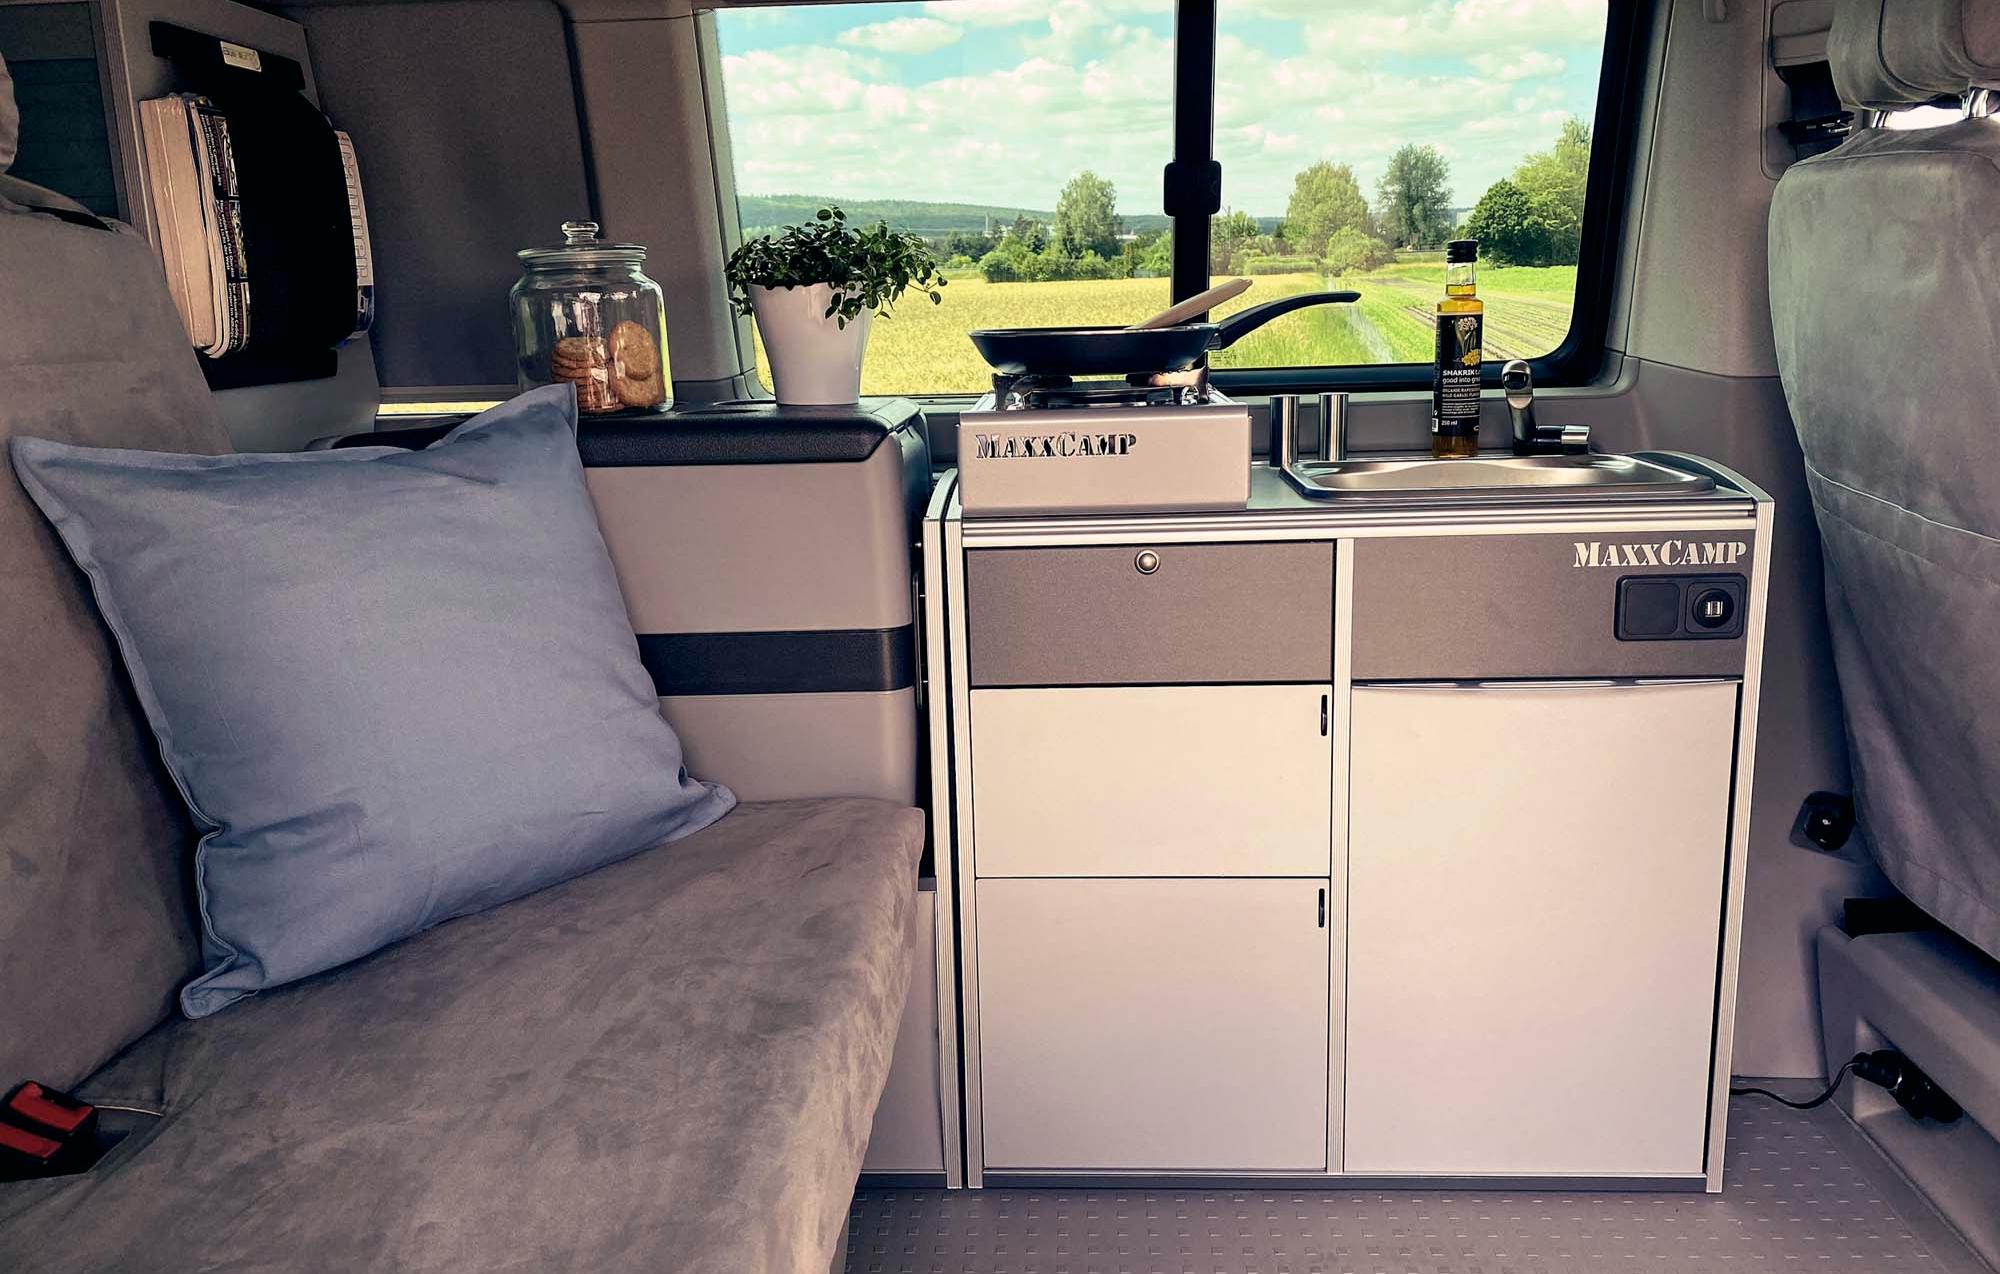 aussergewoehnliche-hotels-gottmadingen-bg6